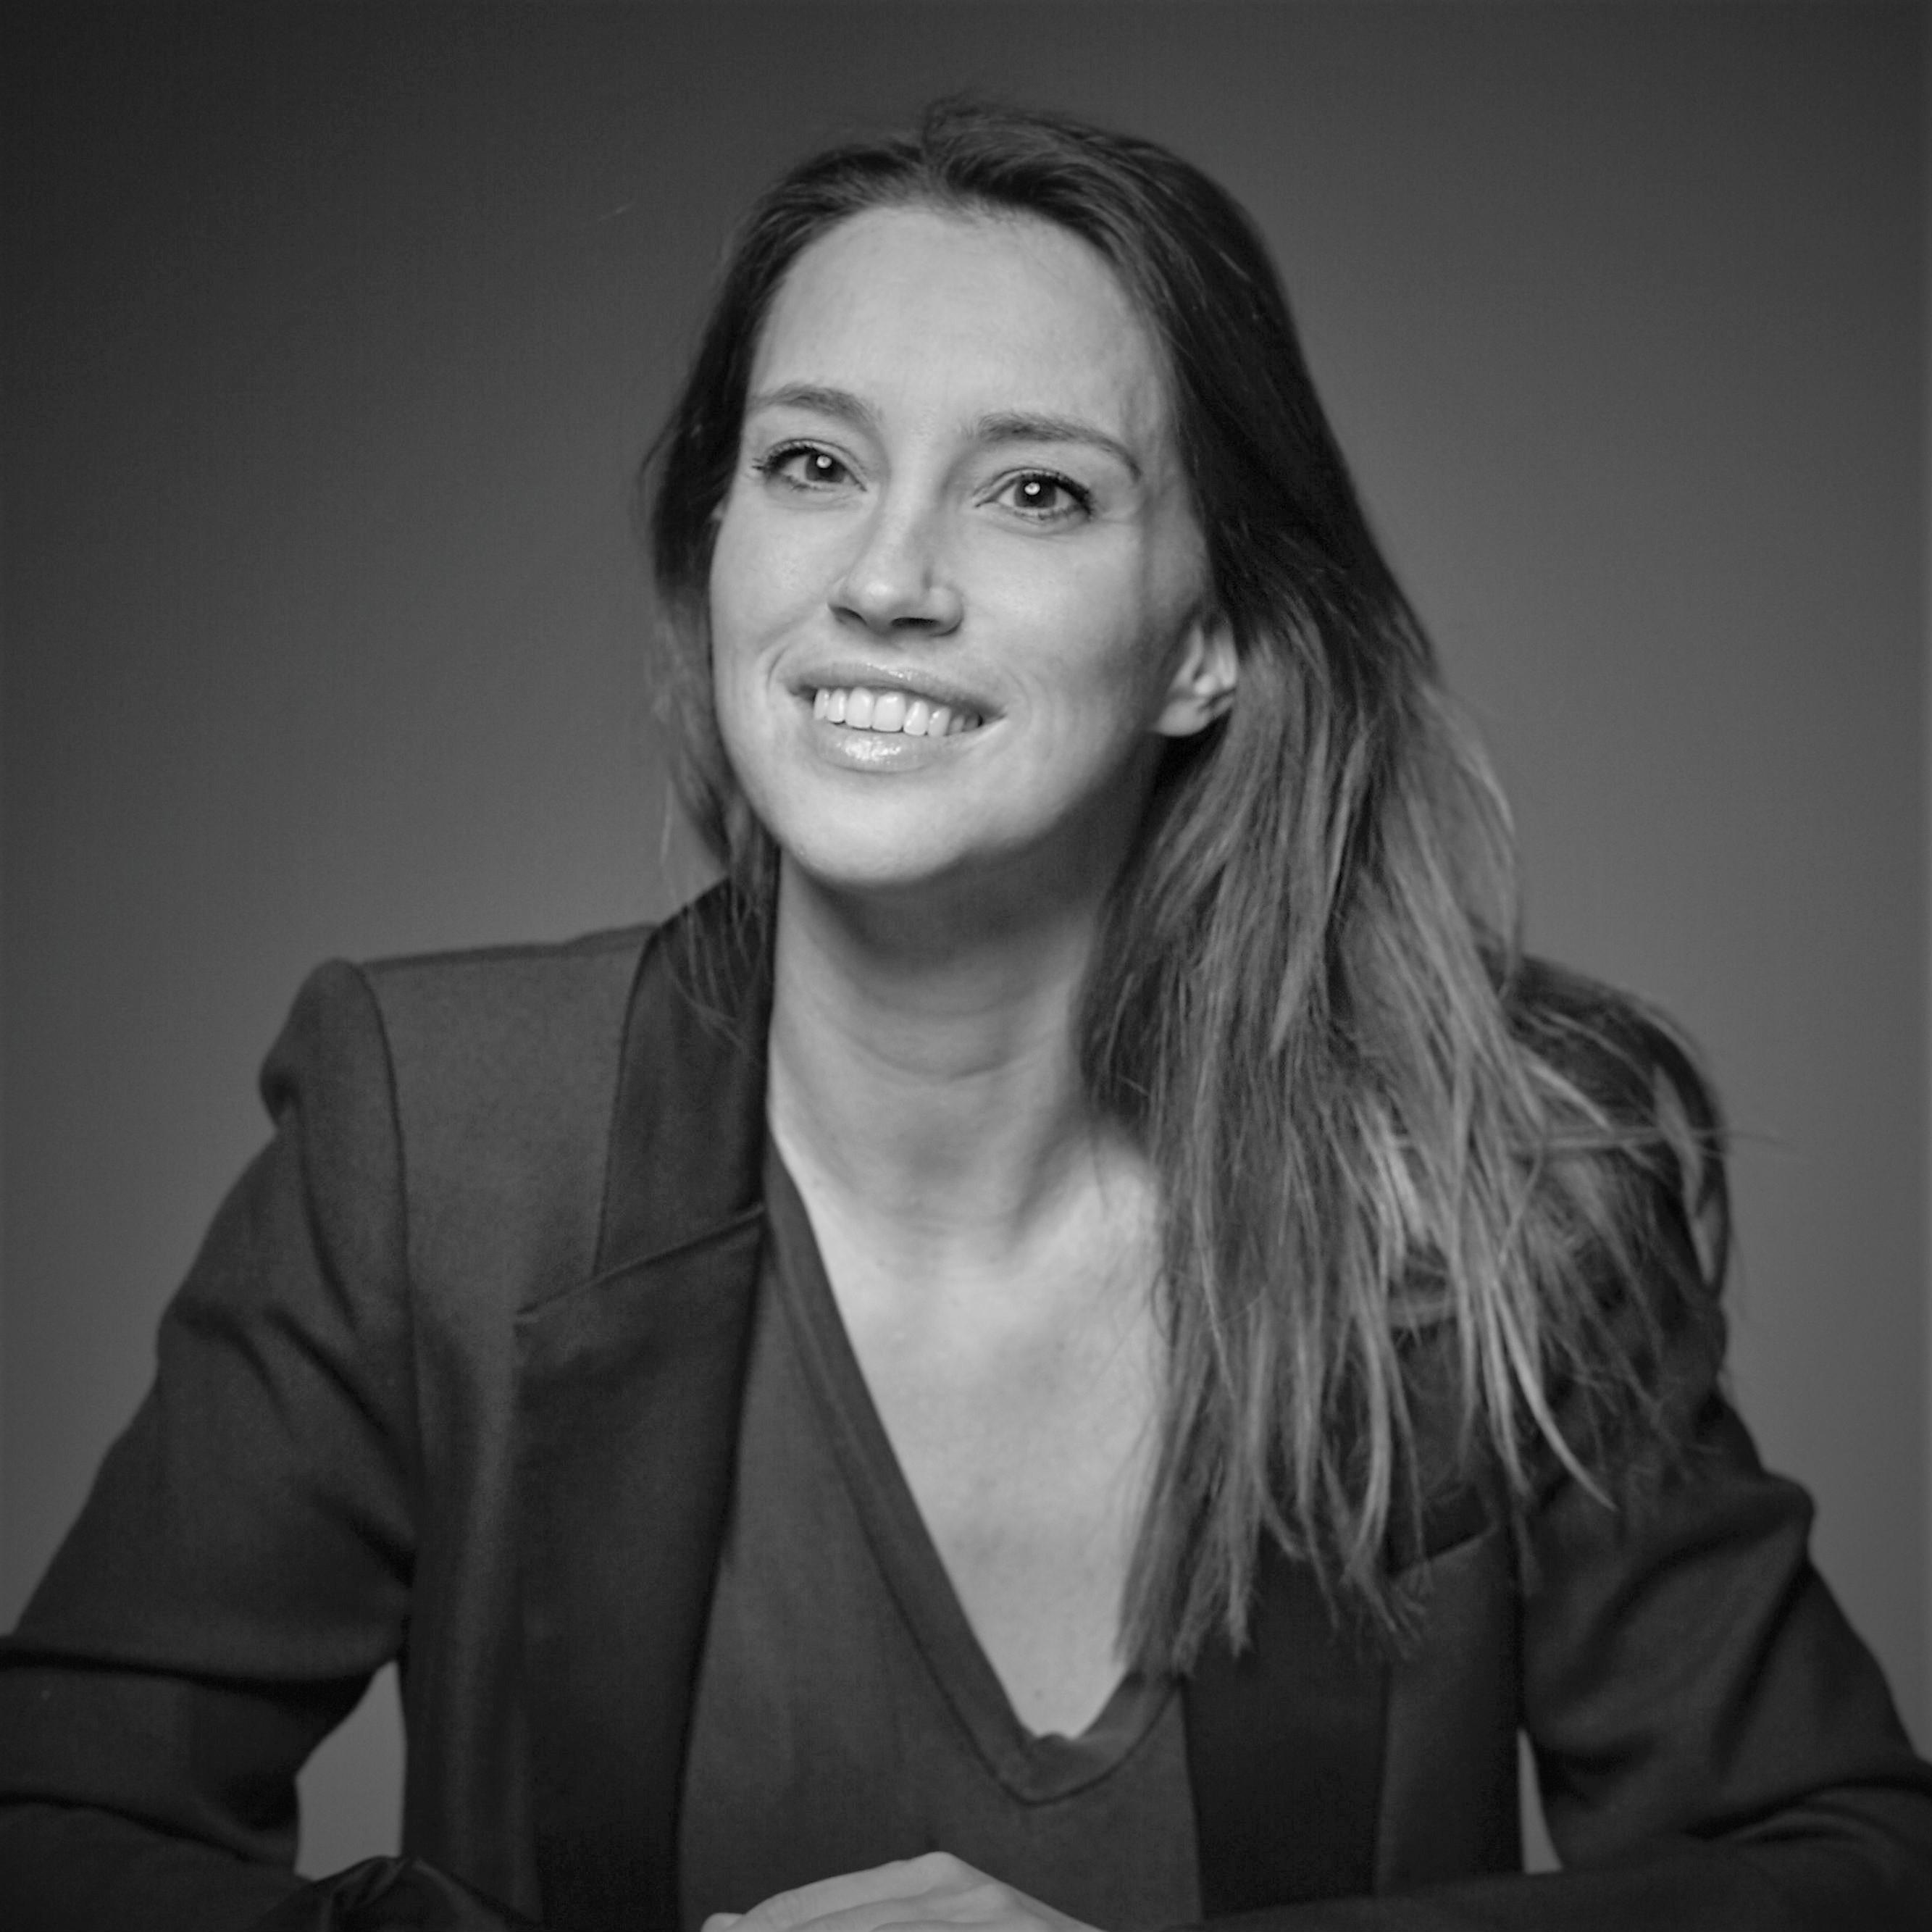 Sophie Tuit